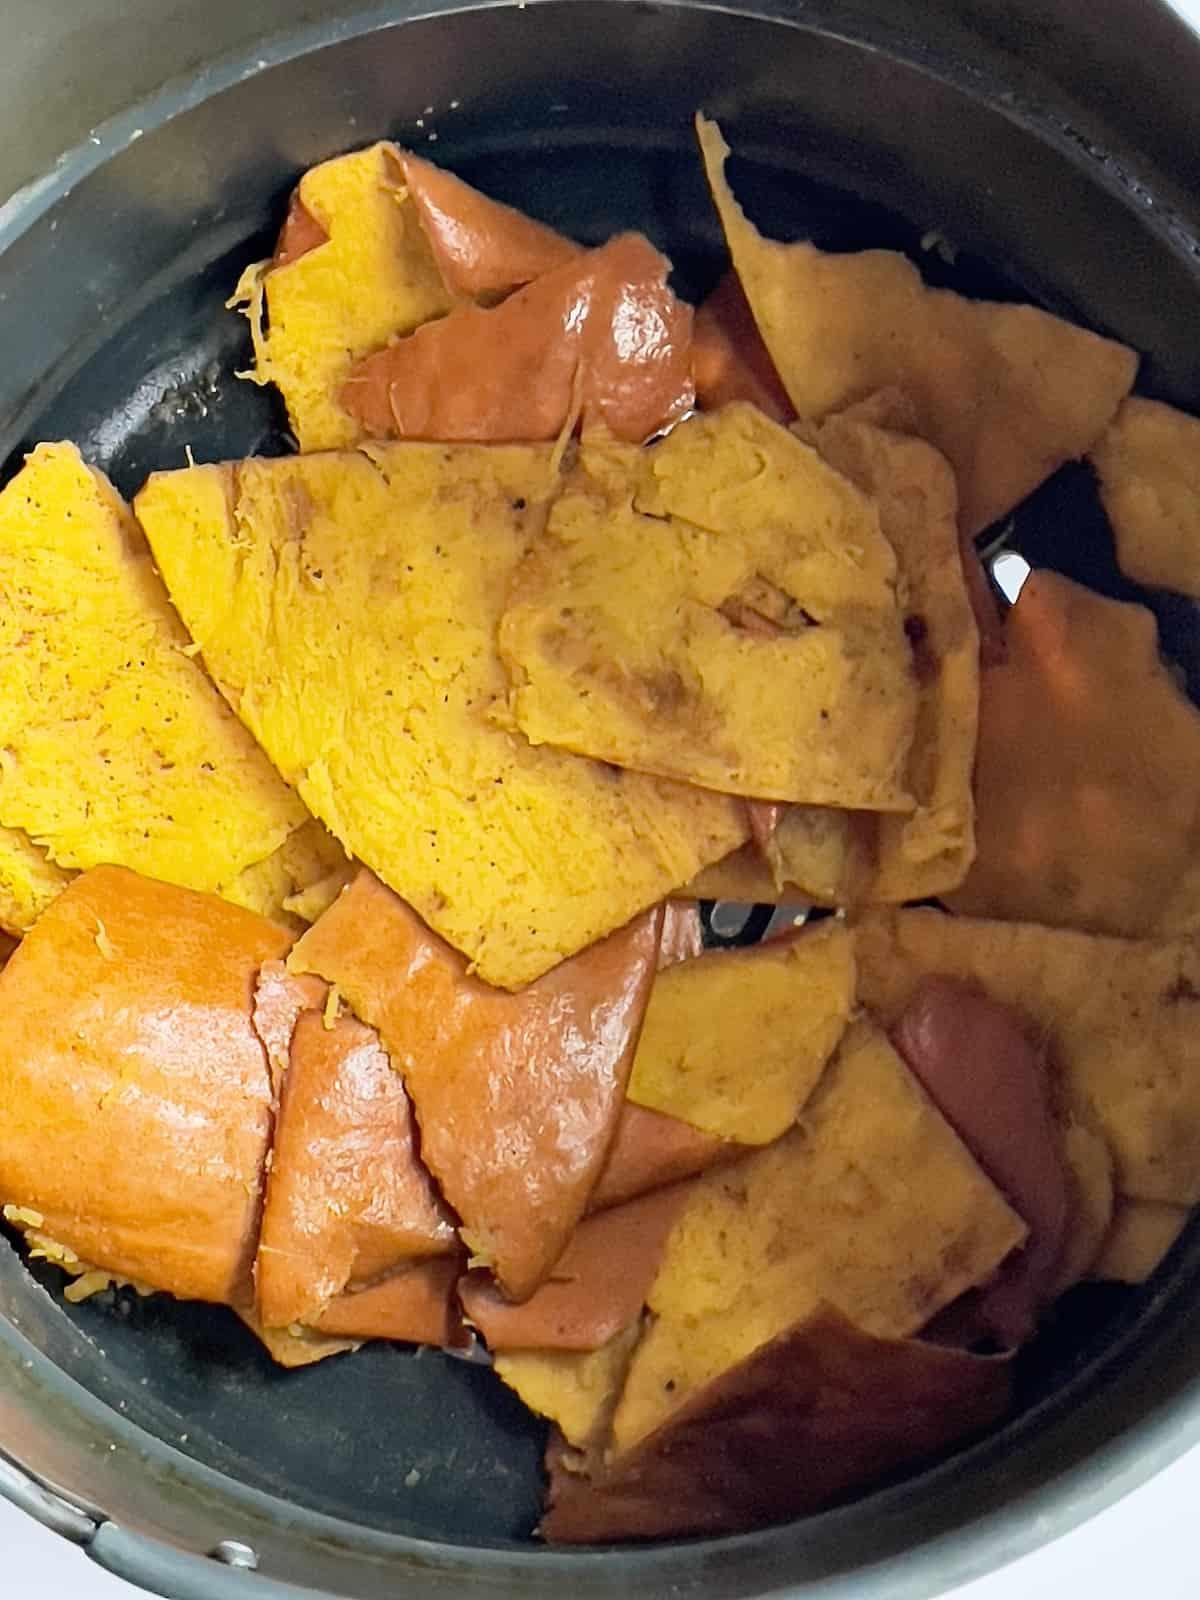 uncooked pumpkin skin tossed with seasonings in an air fryer basket